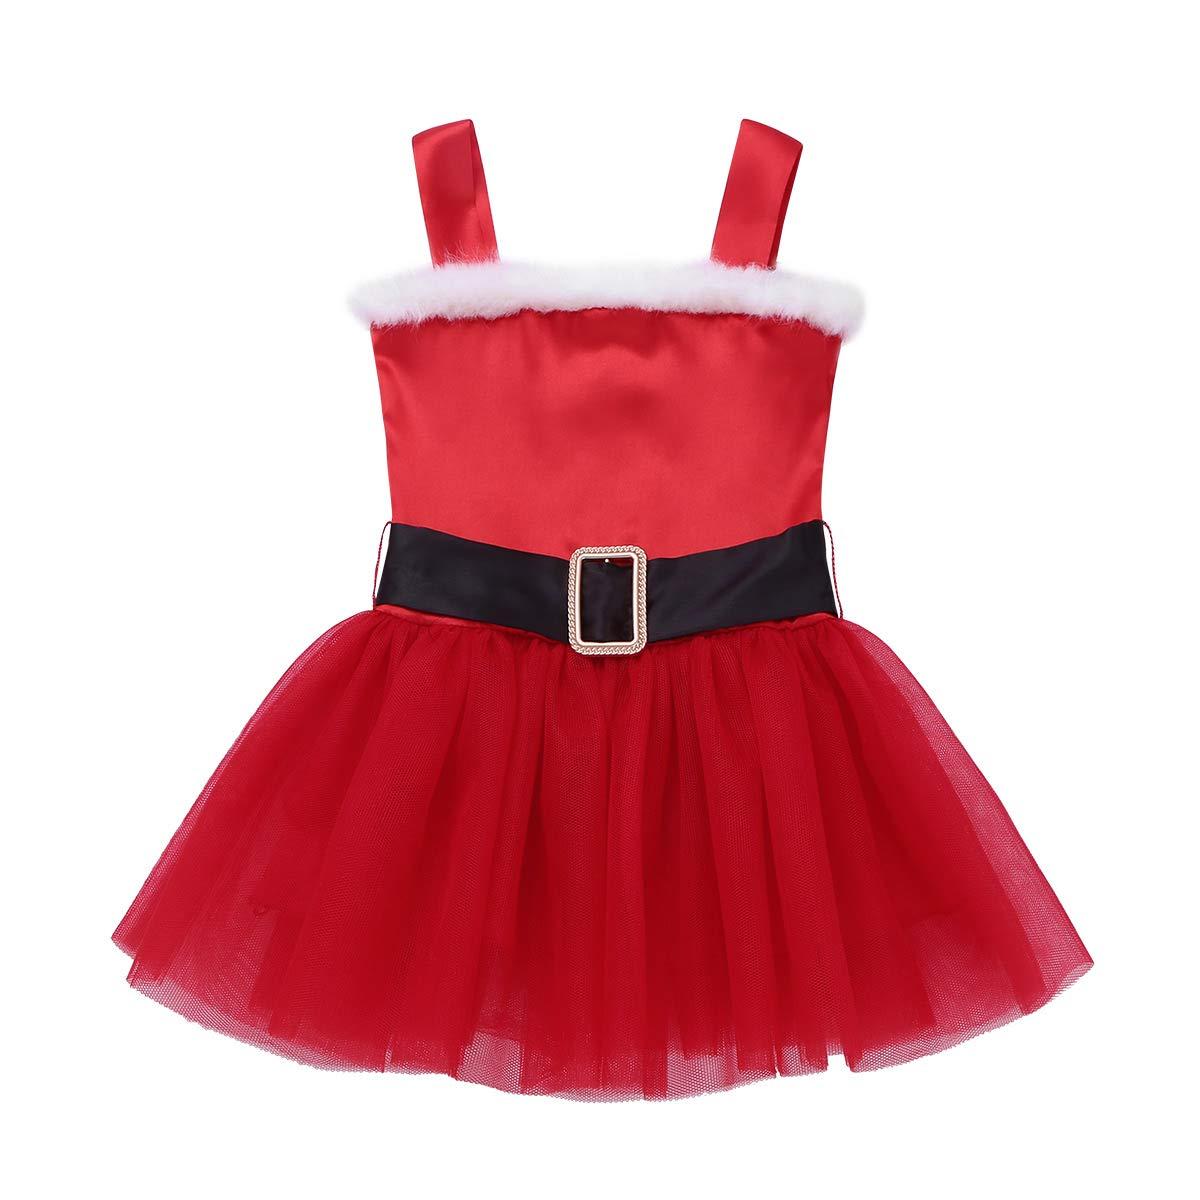 ranrann B/éb/é Fille Robe de Princesse No/ël Costume M/ère No/ël D/éguisement Robe de Soir/ée C/ér/émonie Robe de Mariage Demoiselle dhonneur Robe Tutu Fourrure Rouge 0-24 Mois